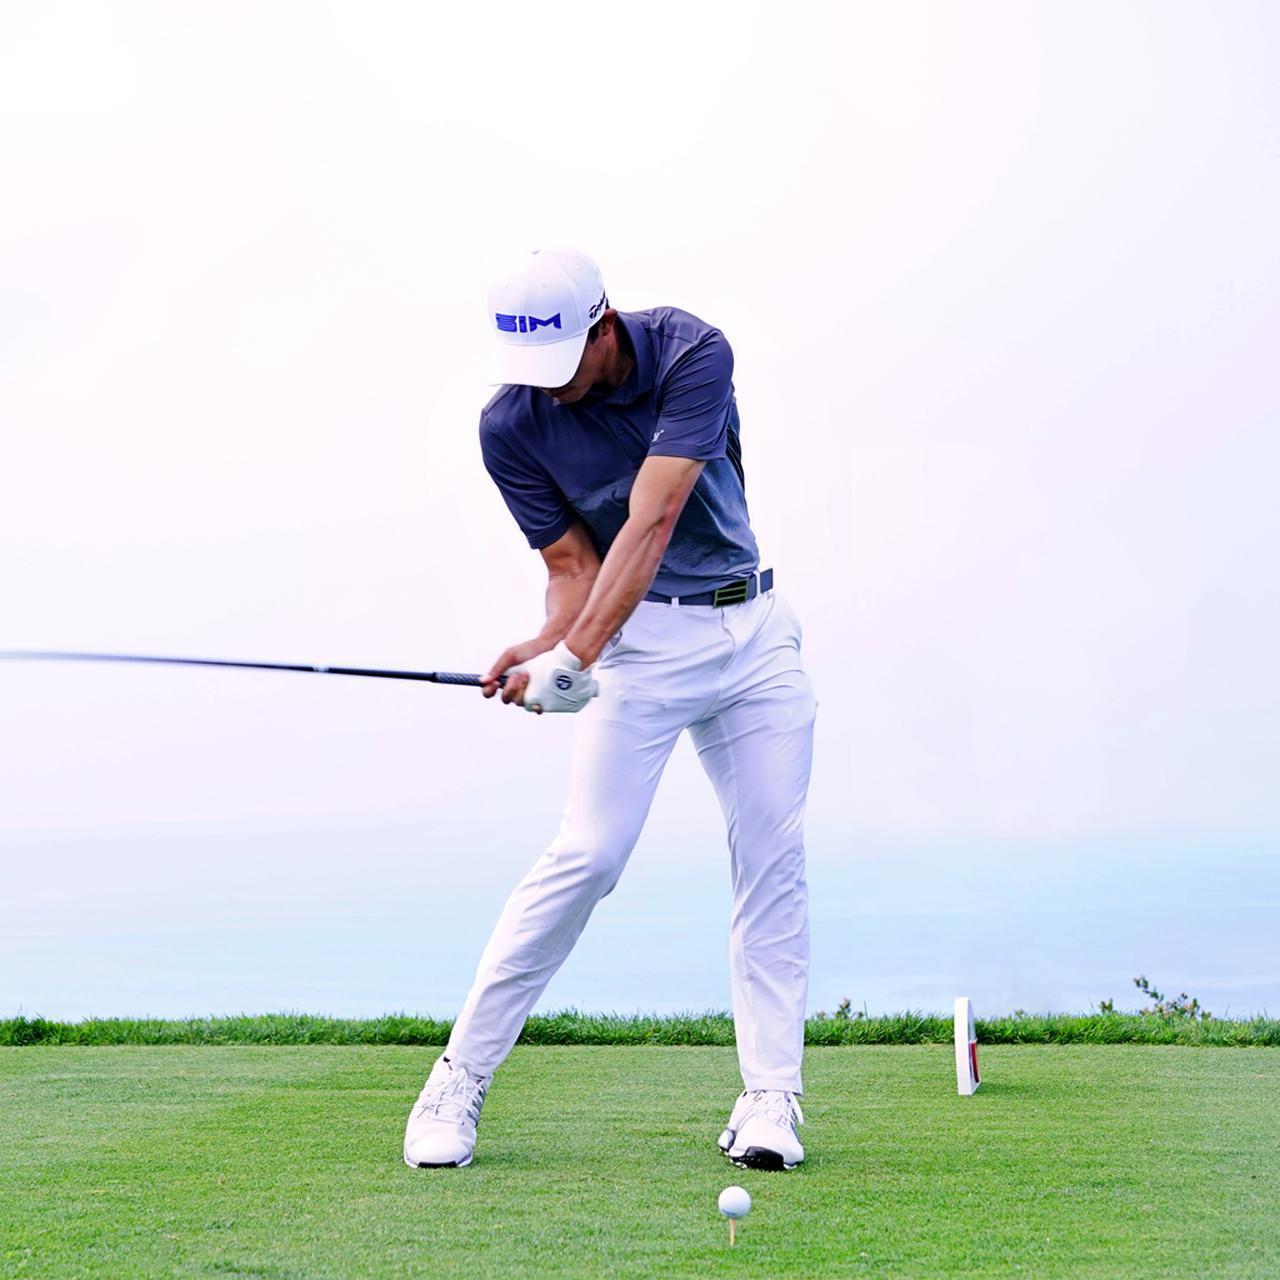 画像5: 【ビクトル・ホブラン/コリン・モリカワ/マシュー・ウルフ】PGAツアーの黄金世代は、すでに全員チャンピオン!